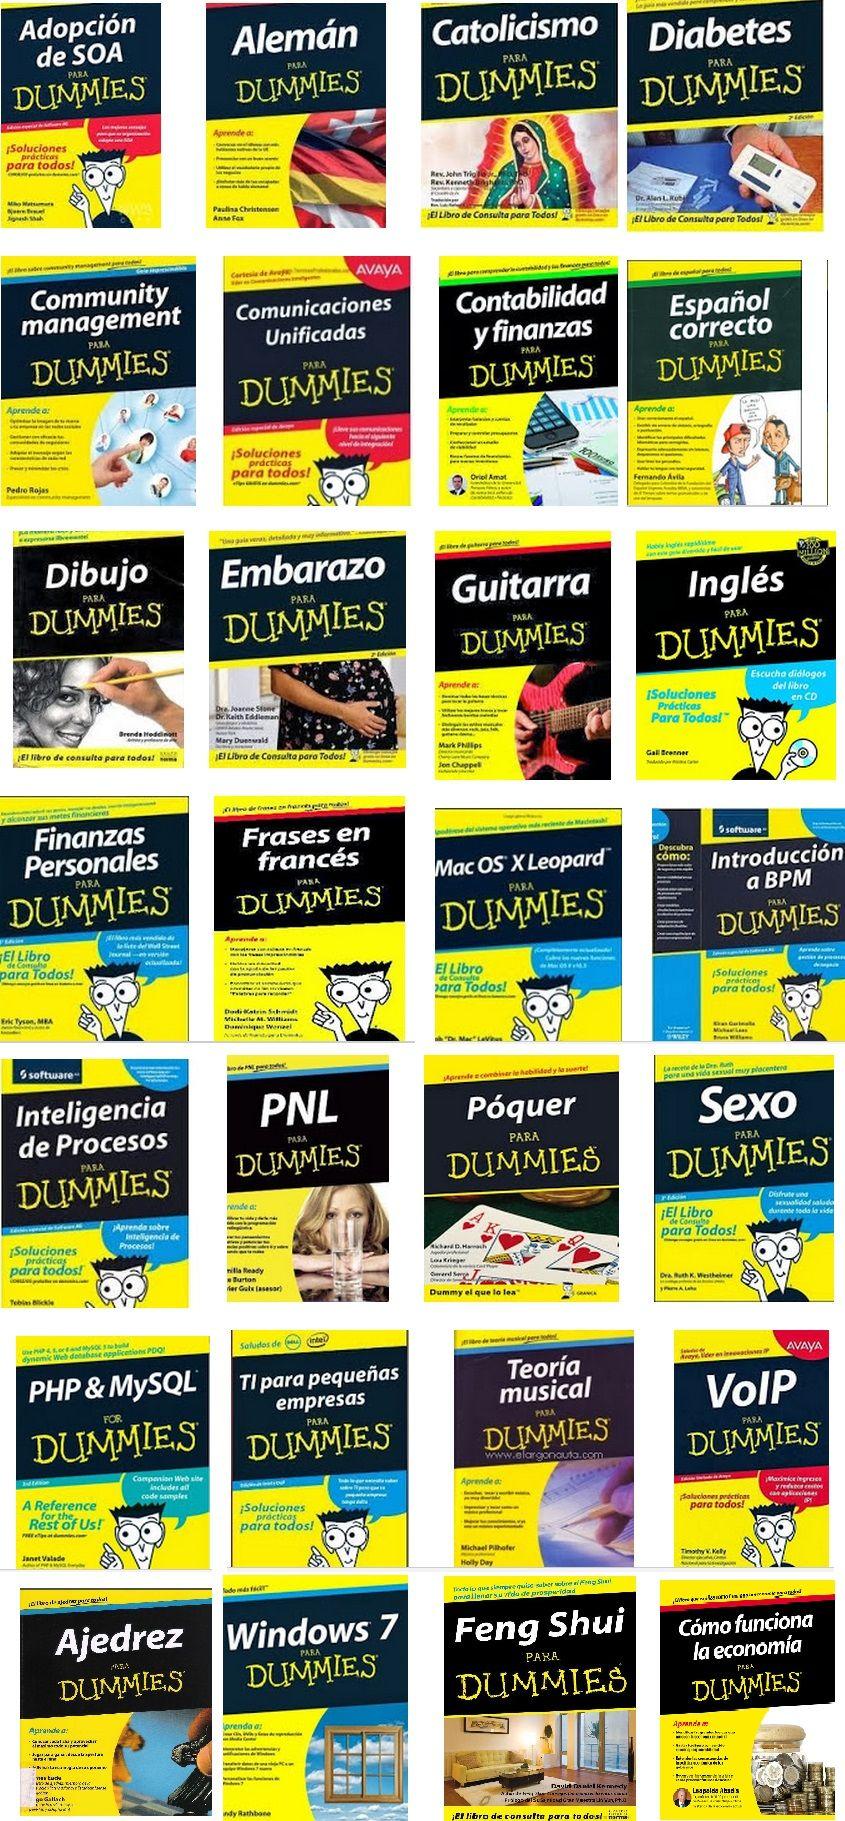 dj para dummies pdf español gratis